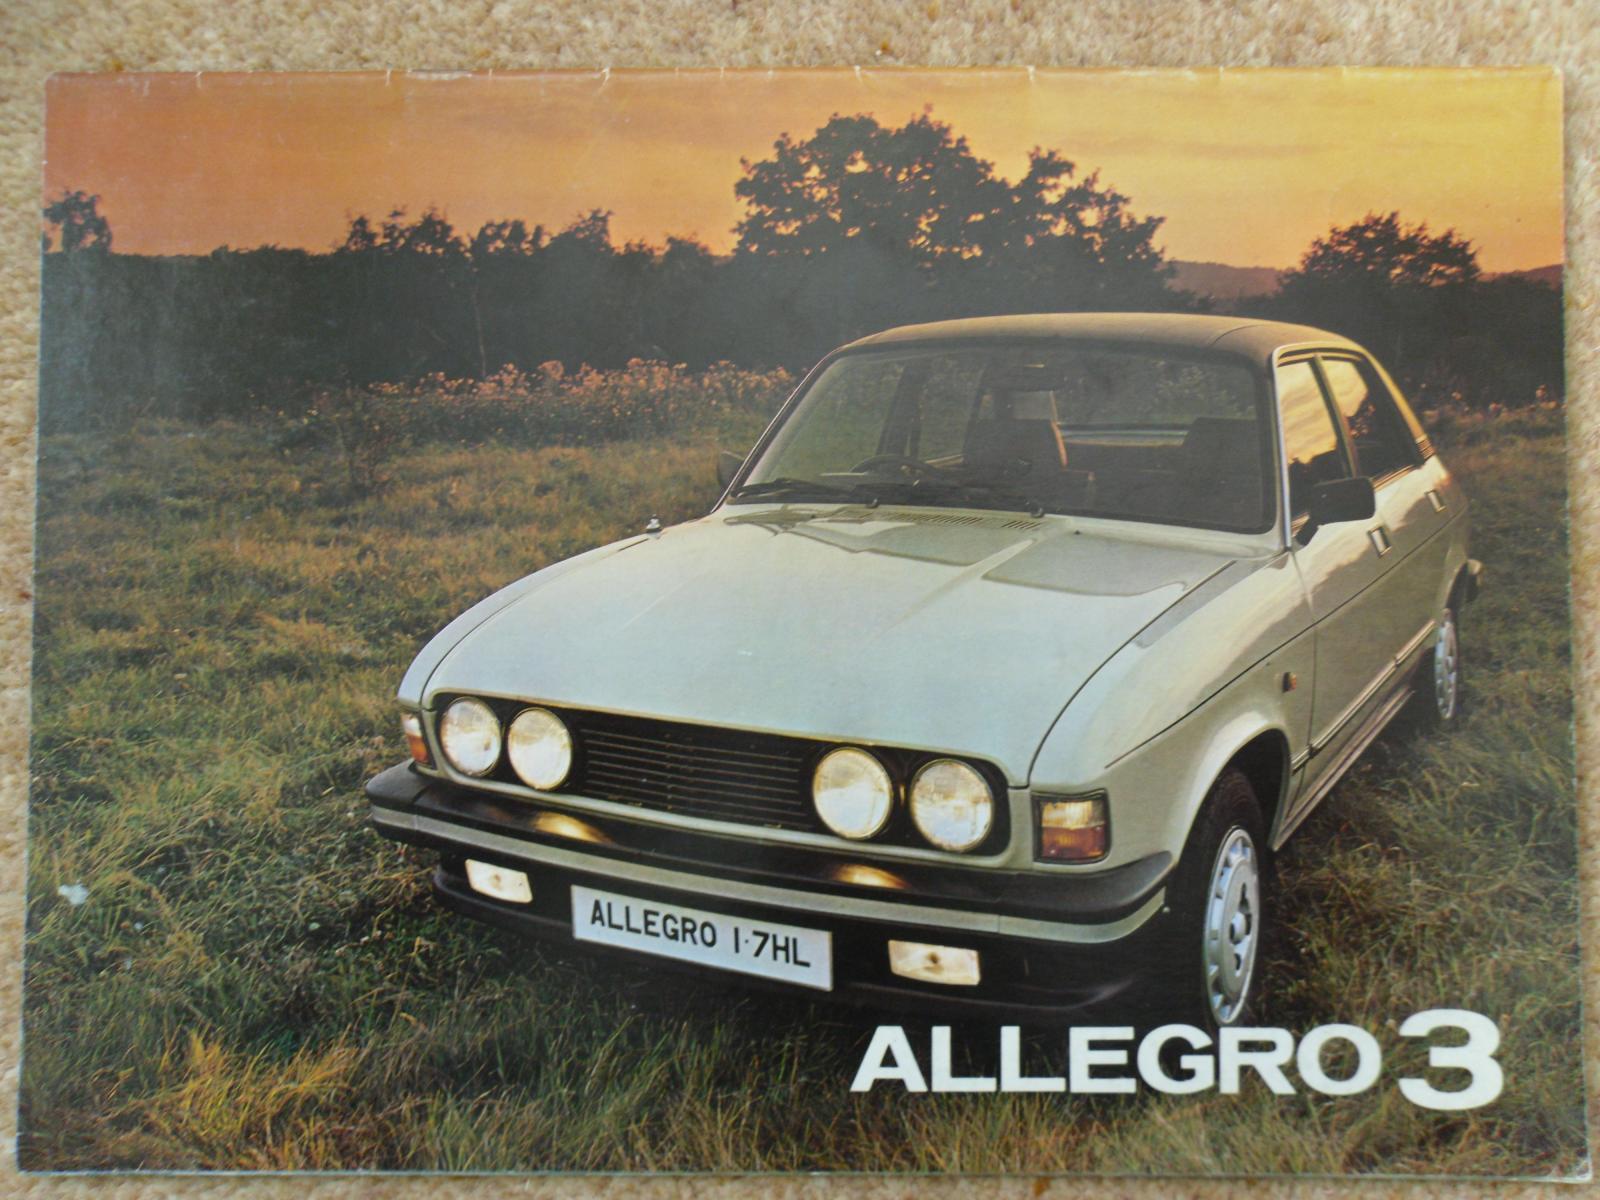 Allegro 002.JPG